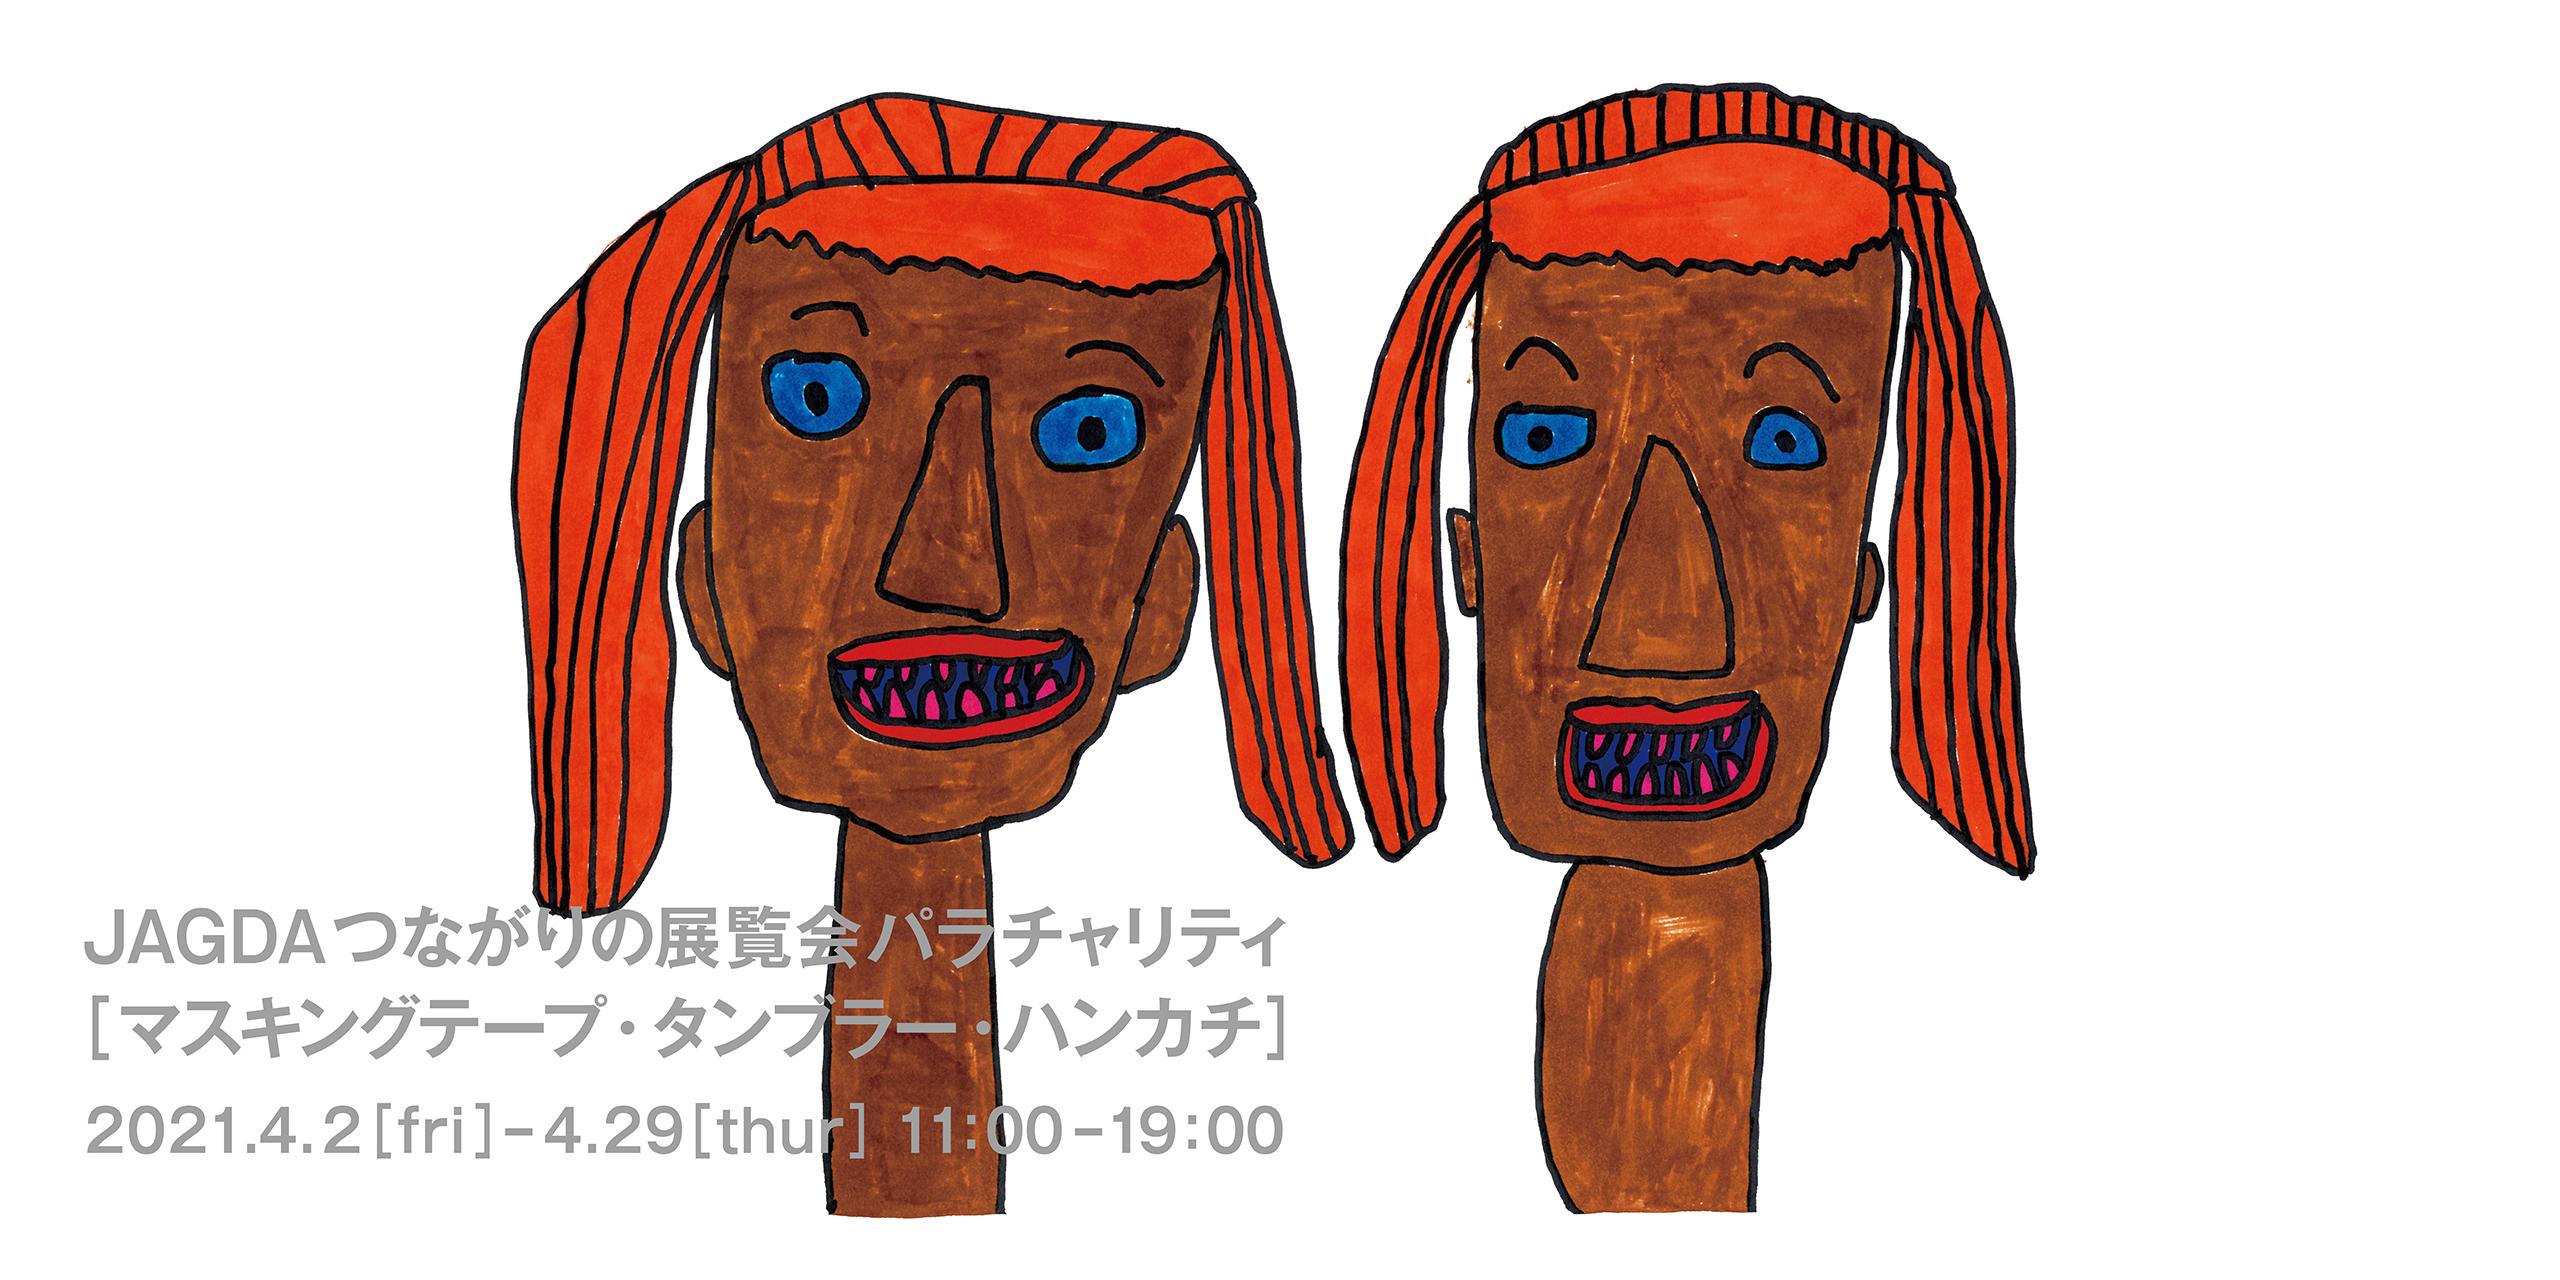 東京ミッドタウン・デザインハブ第90回企画展 JAGDAつながりの展覧会 パラチャリティ